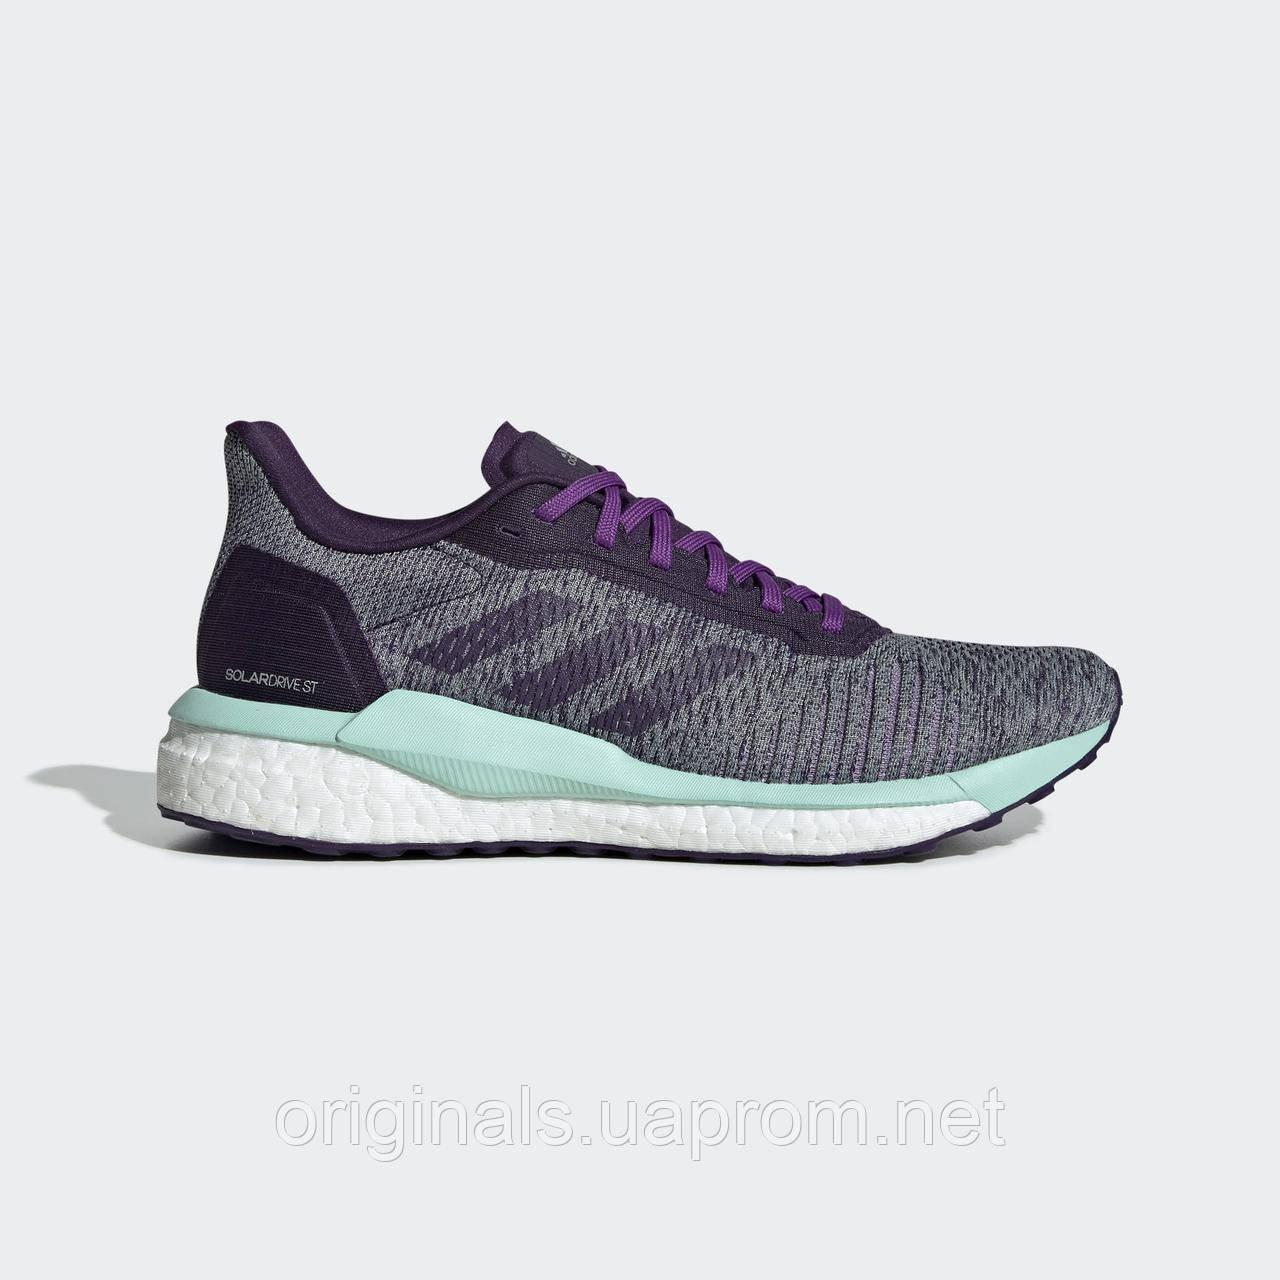 4a4415f5 Женские кроссовки для бега Adidas Solardrive ST BC0342 - 2019 -  интернет-магазин Originals -